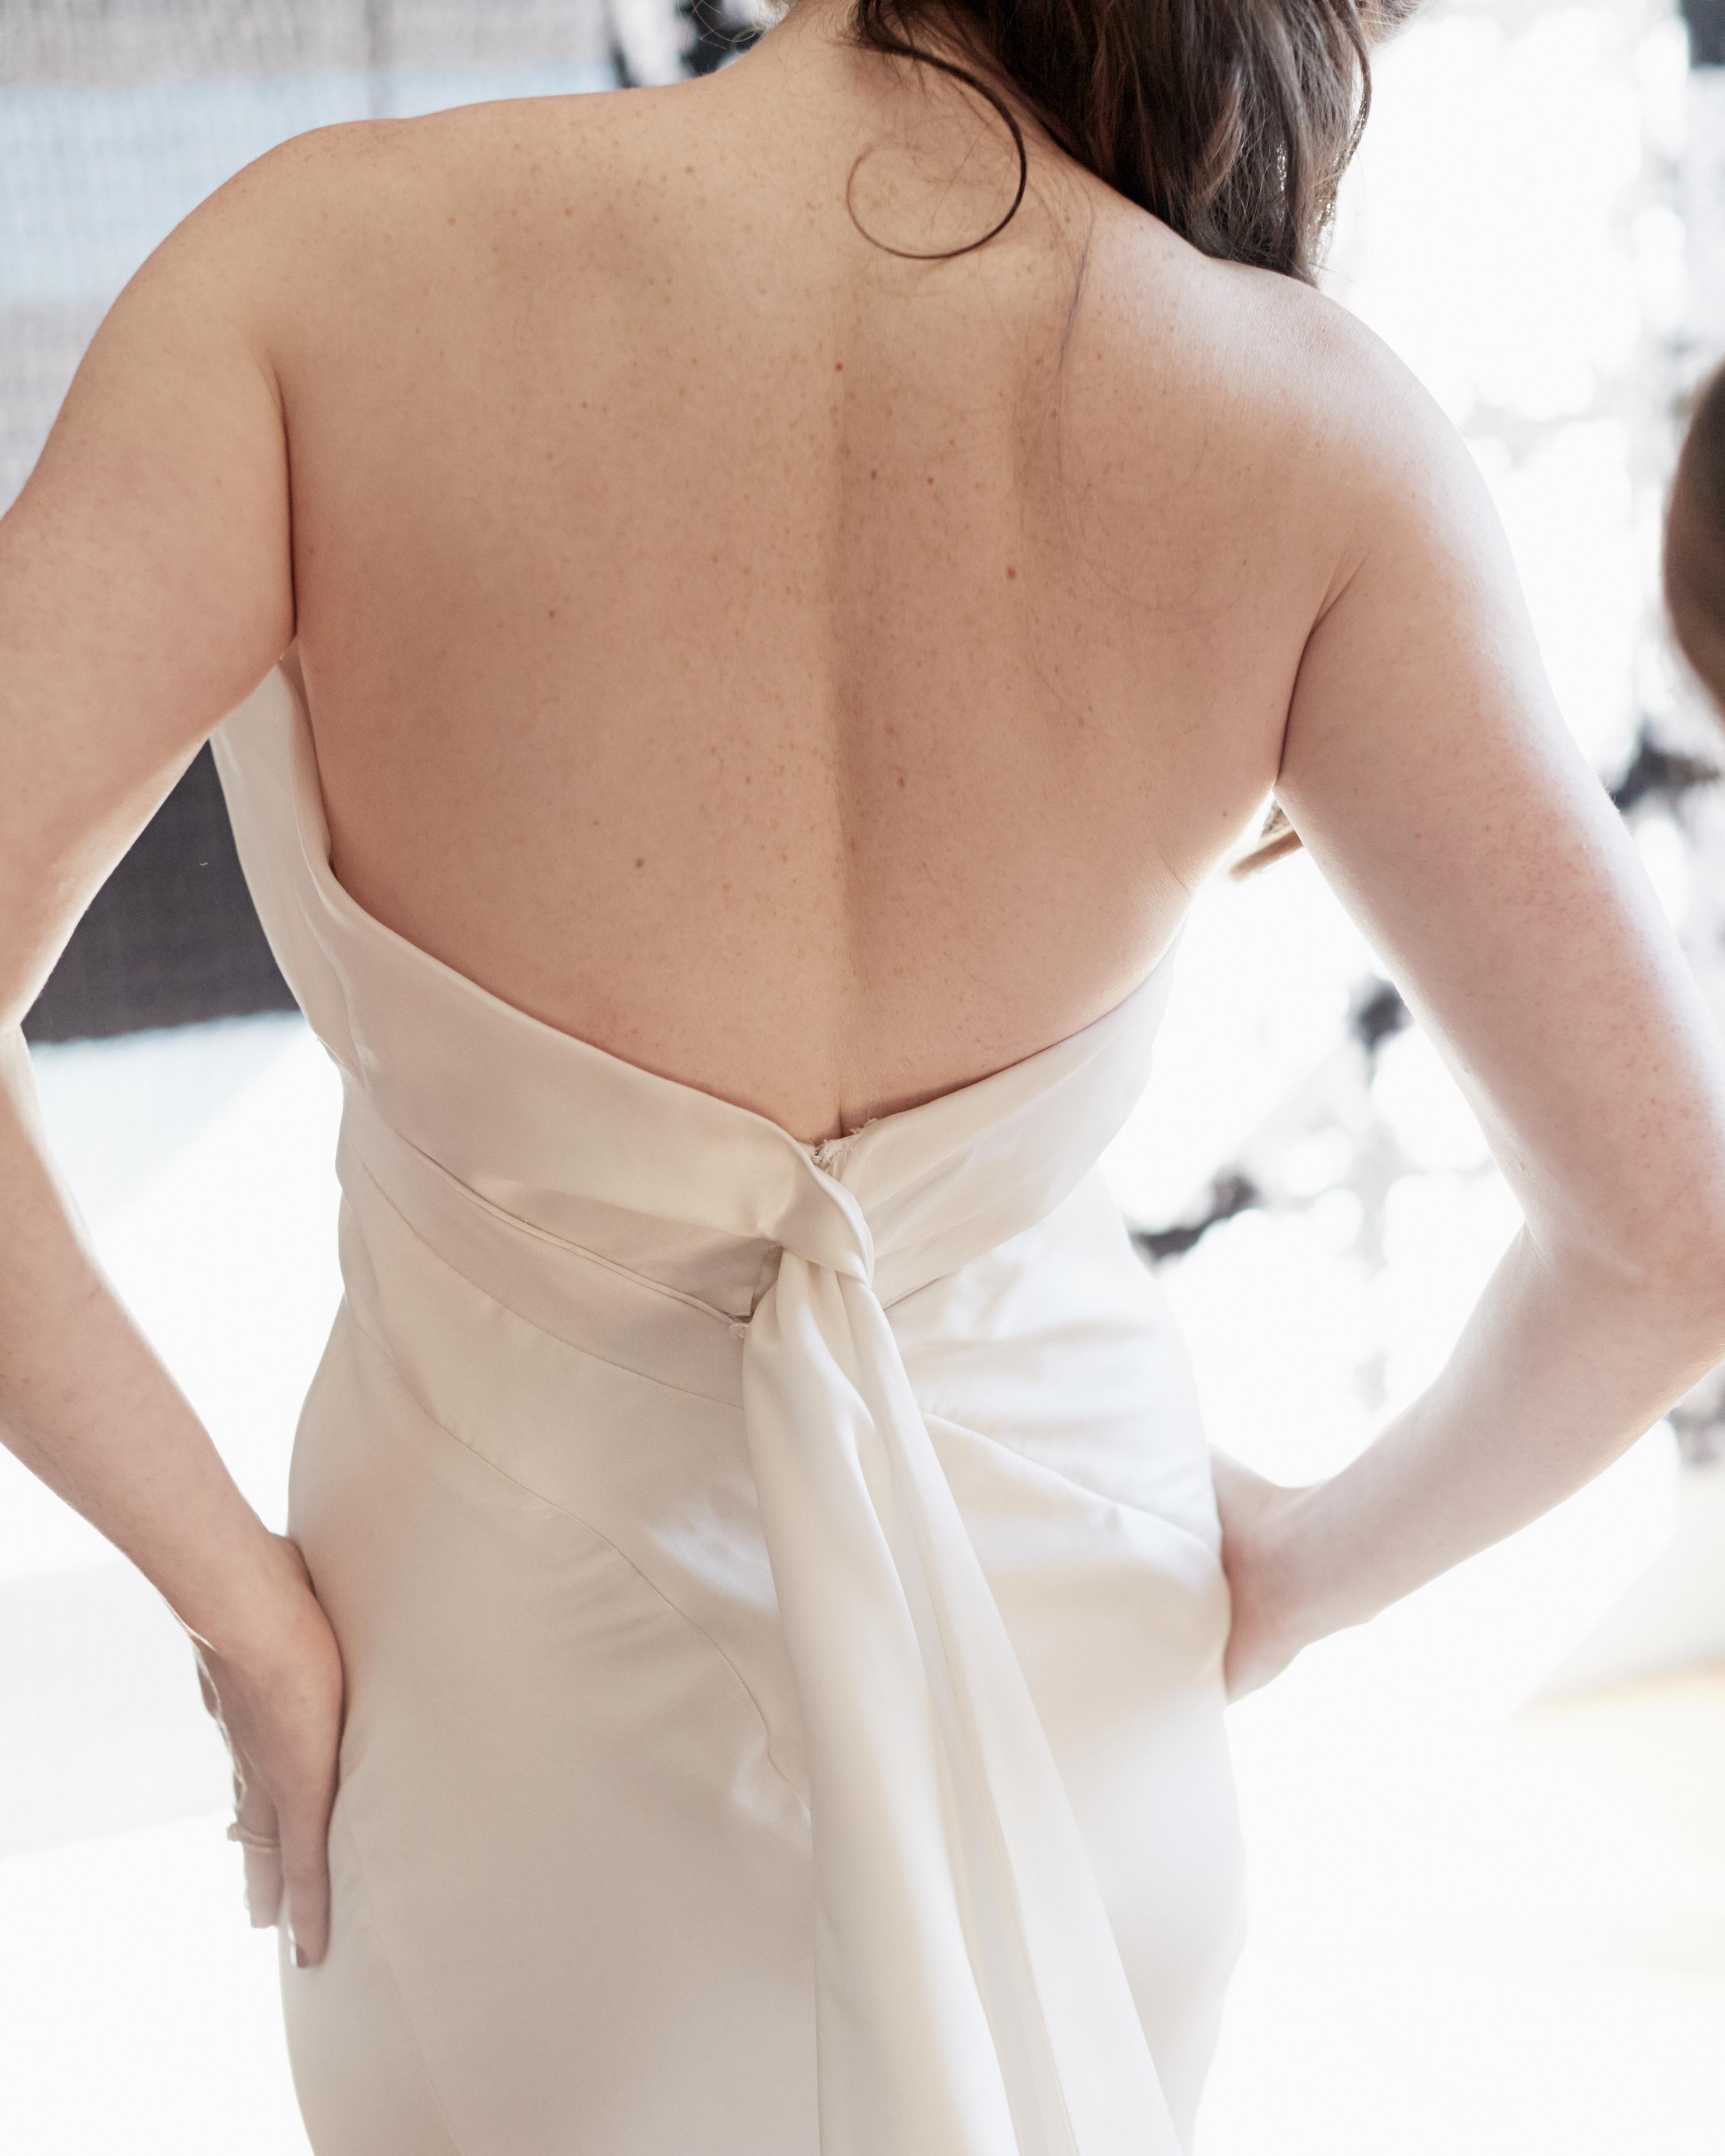 kate-joe-wedding-dress-0054-s111816-0215.jpg